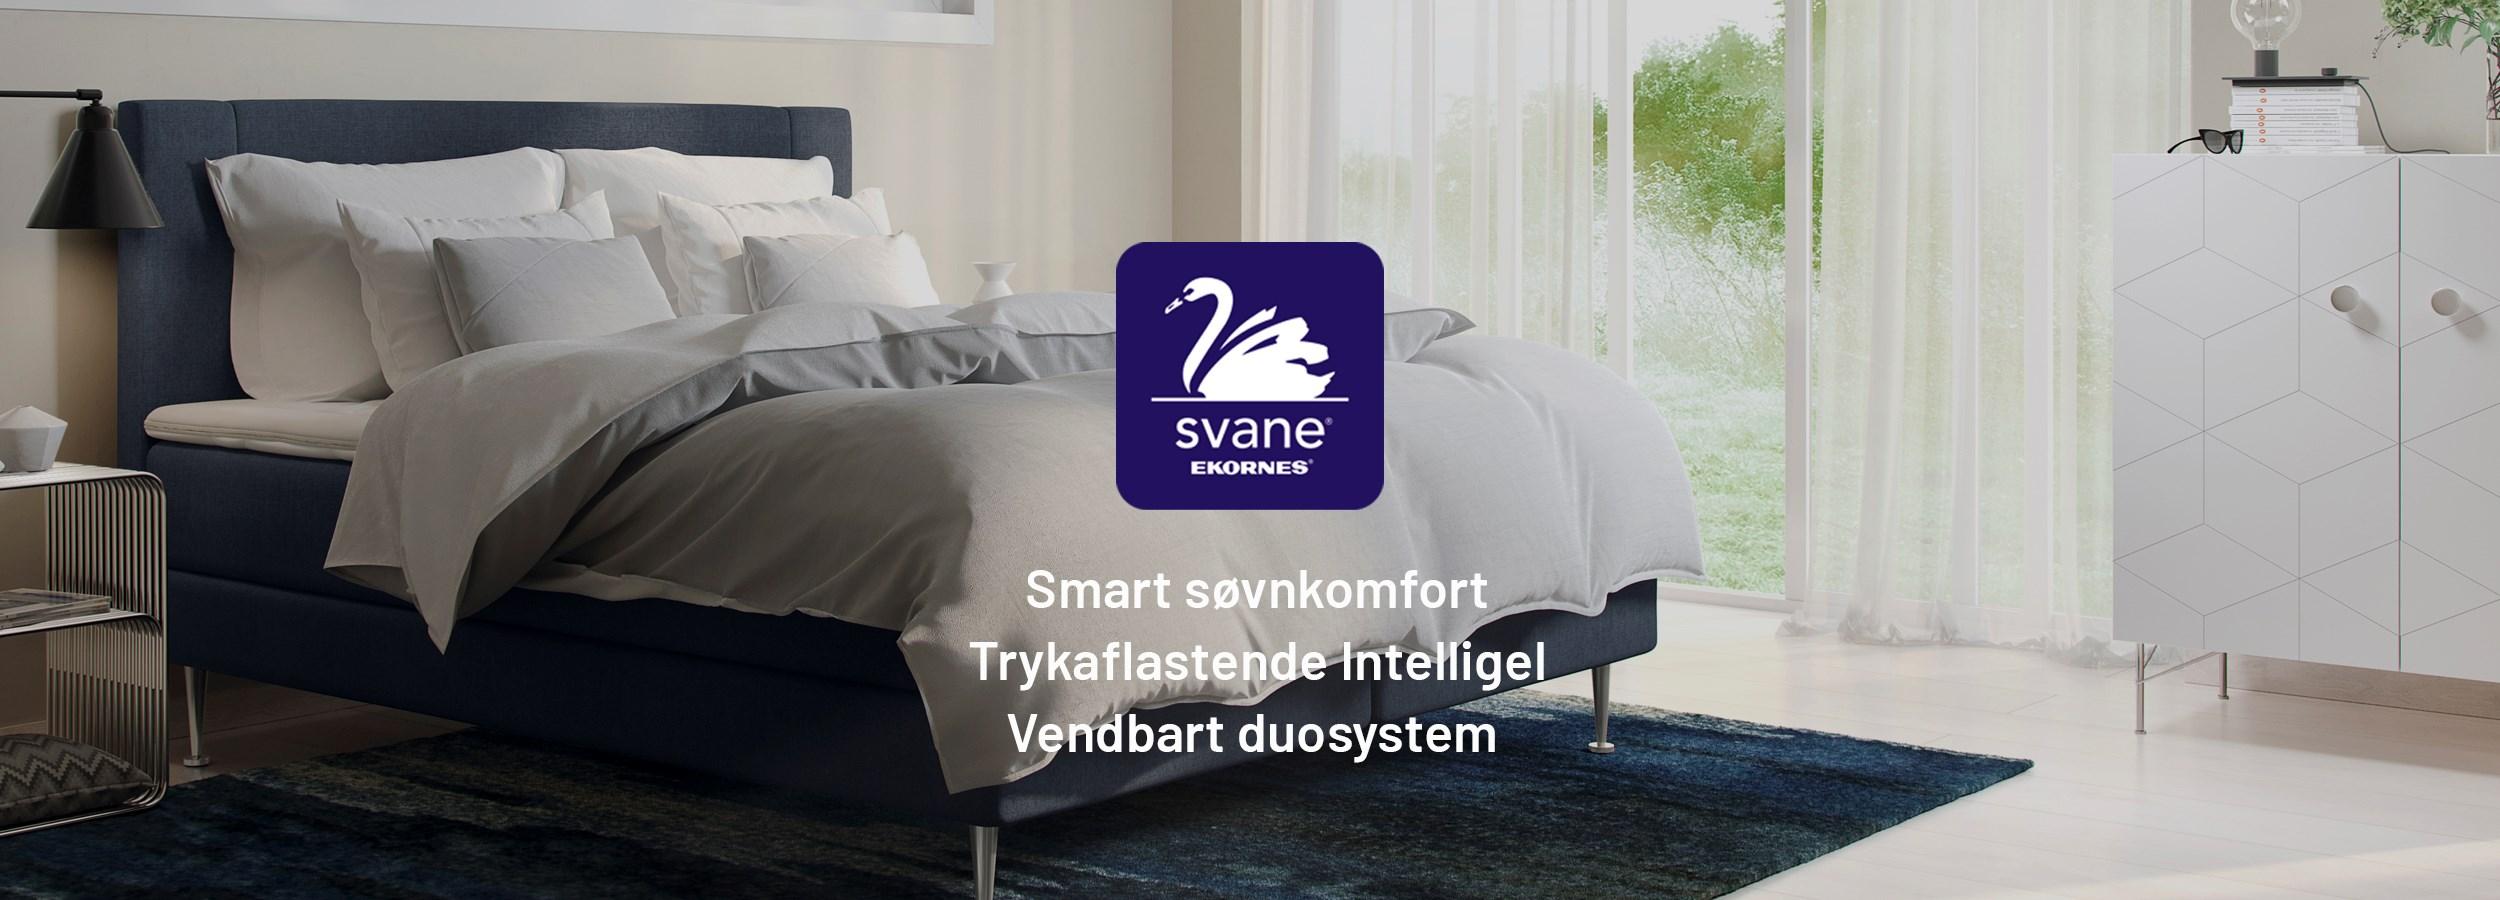 Fantastisk Svane-senge   Find din nye Svane-seng her   Drømmeland HI12